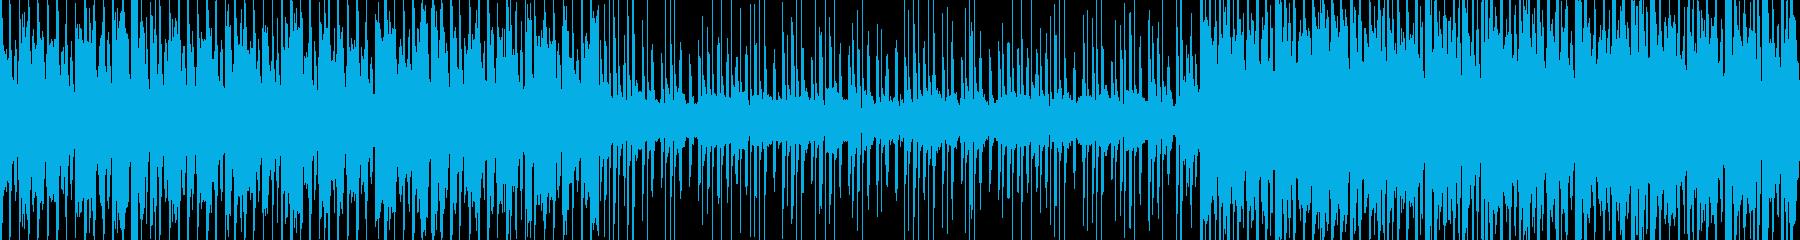 【ループ】街・明るくて軽快なBGM128の再生済みの波形